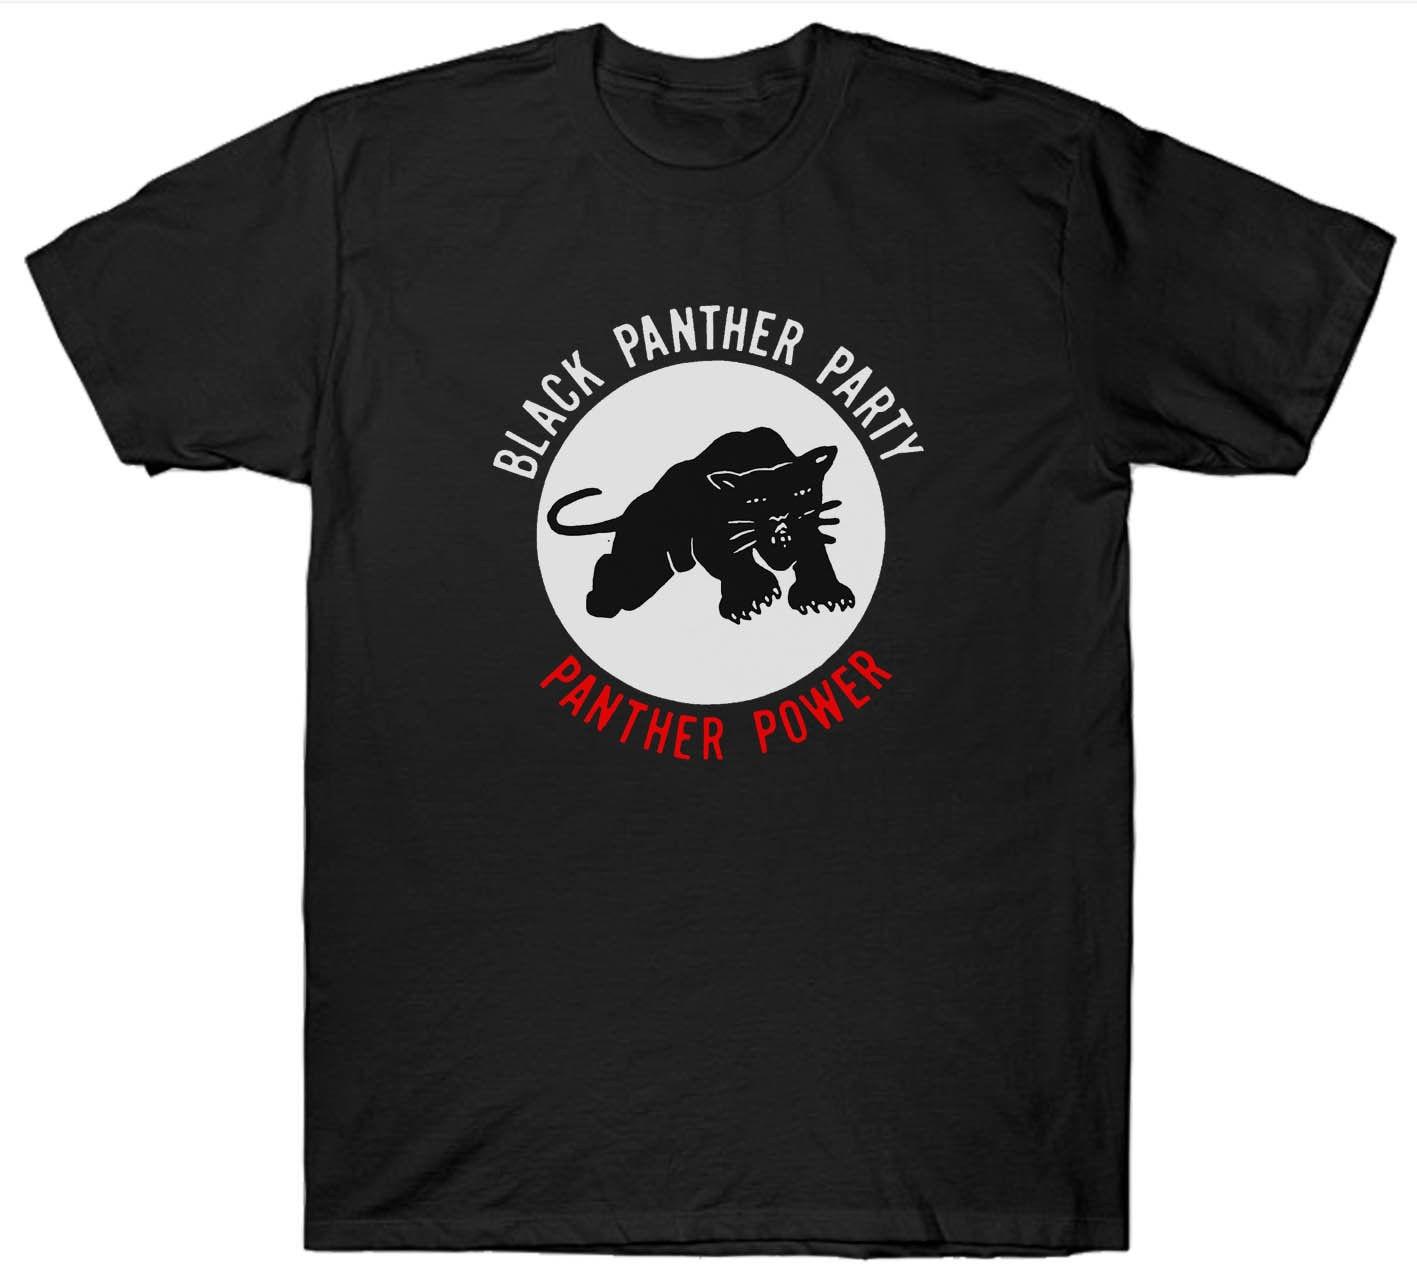 Camiseta del Partido Pantera Negra activista político 1960HUEY P NEWTON venta al por mayor barata tees100 % algodón para la impresión de la camisa ManT